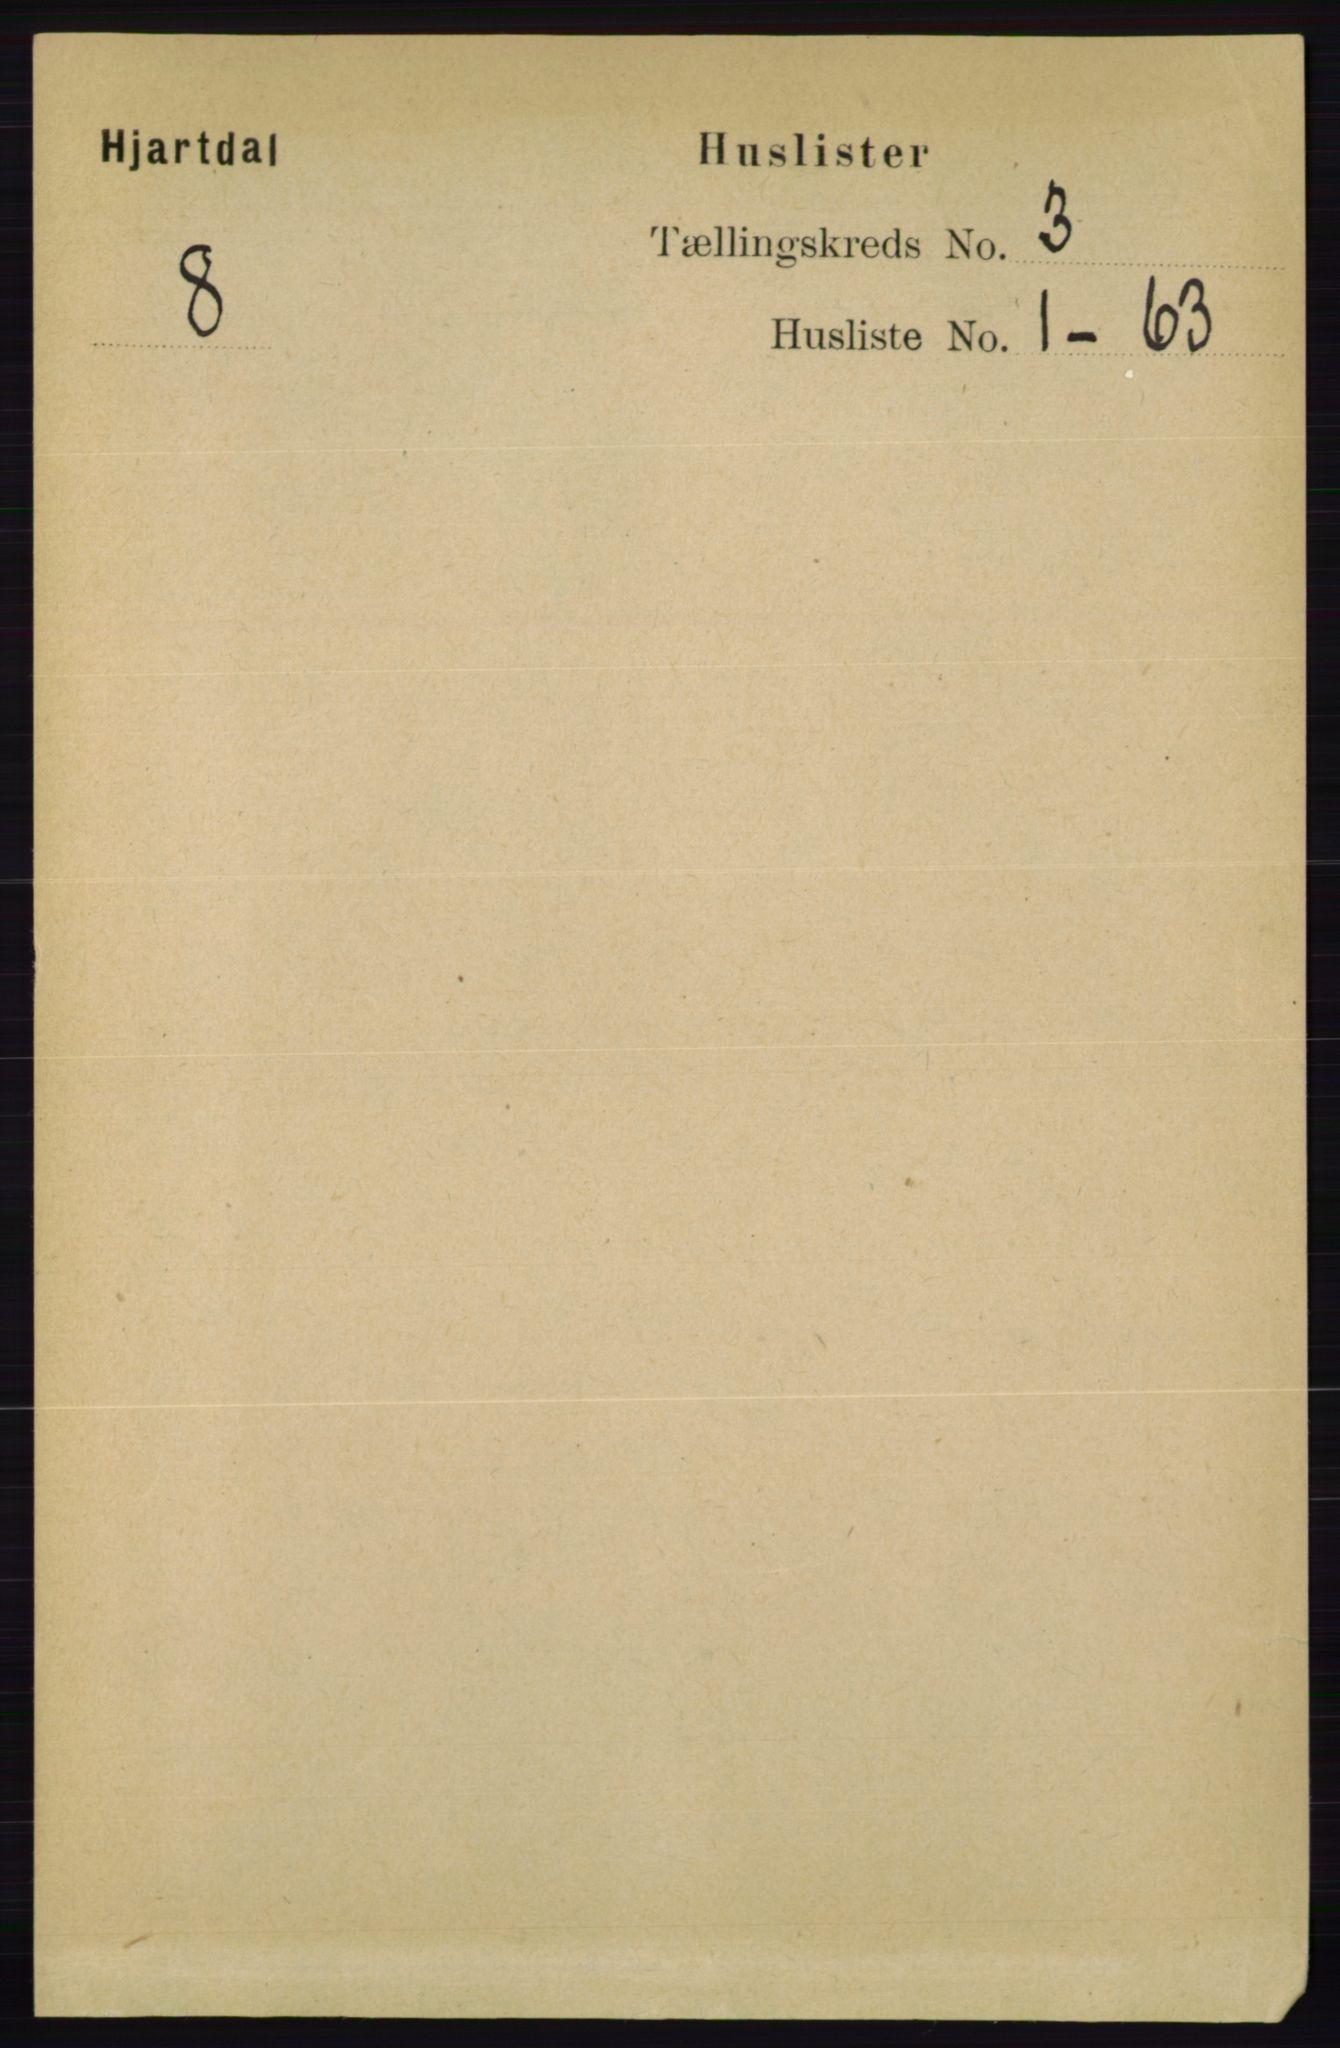 RA, Folketelling 1891 for 0827 Hjartdal herred, 1891, s. 985